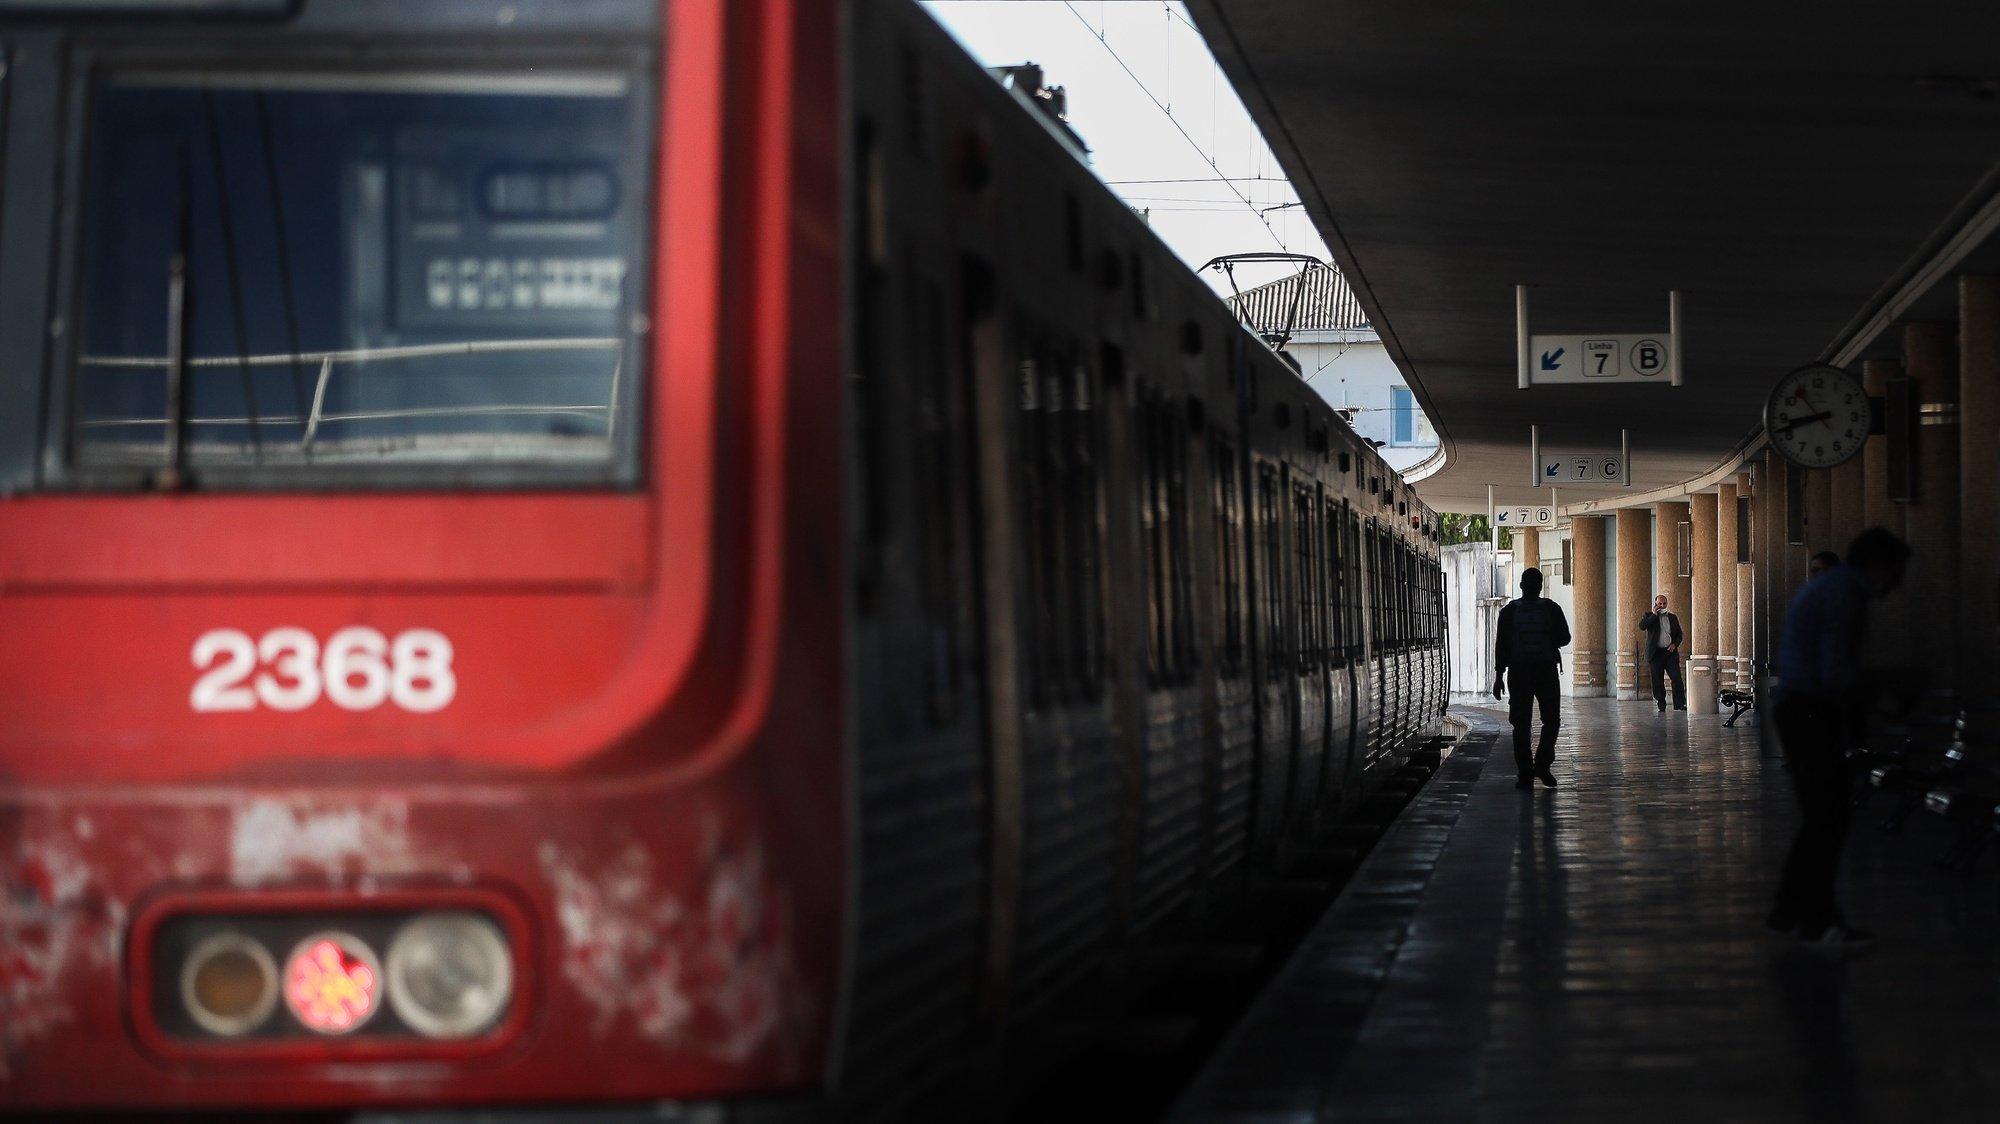 Um comboio parado na Estação de Santa Apolónia durante a greve de trabalhadores da Infraestruturas de Portugal, em Lisboa, 2 de julho de 2021. Os trabalhadores exigem aumento de salários, o cumprimento integral do clausulado do Acordo Coletivo de Trabalho, a negociação coletiva, a atualização do valor do subsídio de refeição e a integração do abono de irregularidade de horário no conceito de retribuição. MÁRIO CRUZ/LUSA